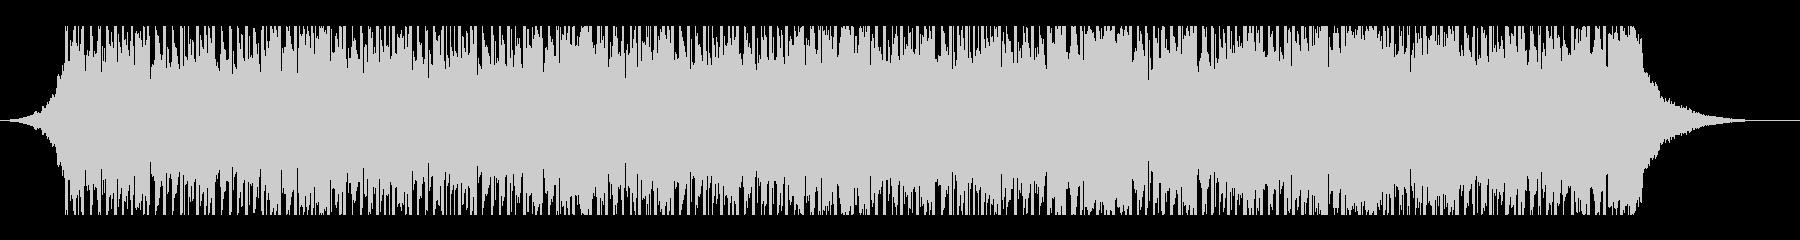 成功を見る(60秒)の未再生の波形